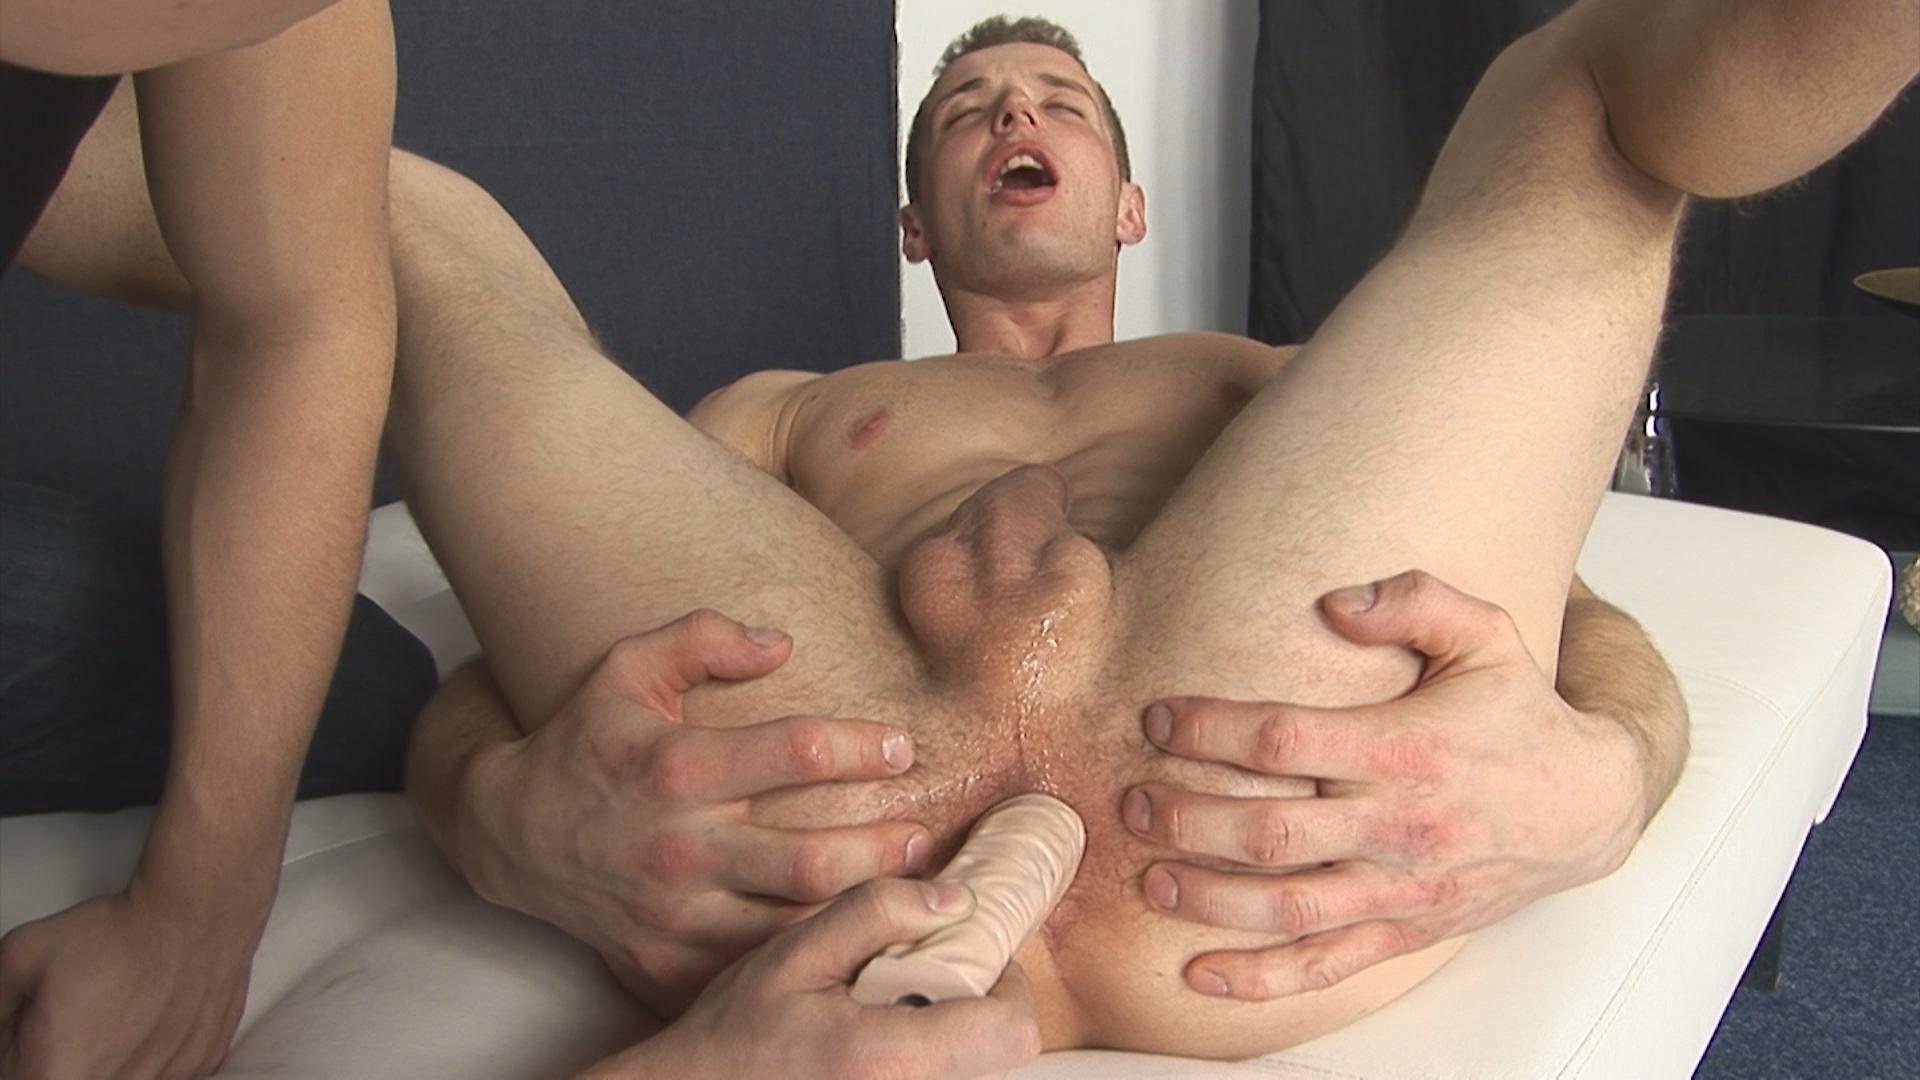 You tube big tits porn-9622